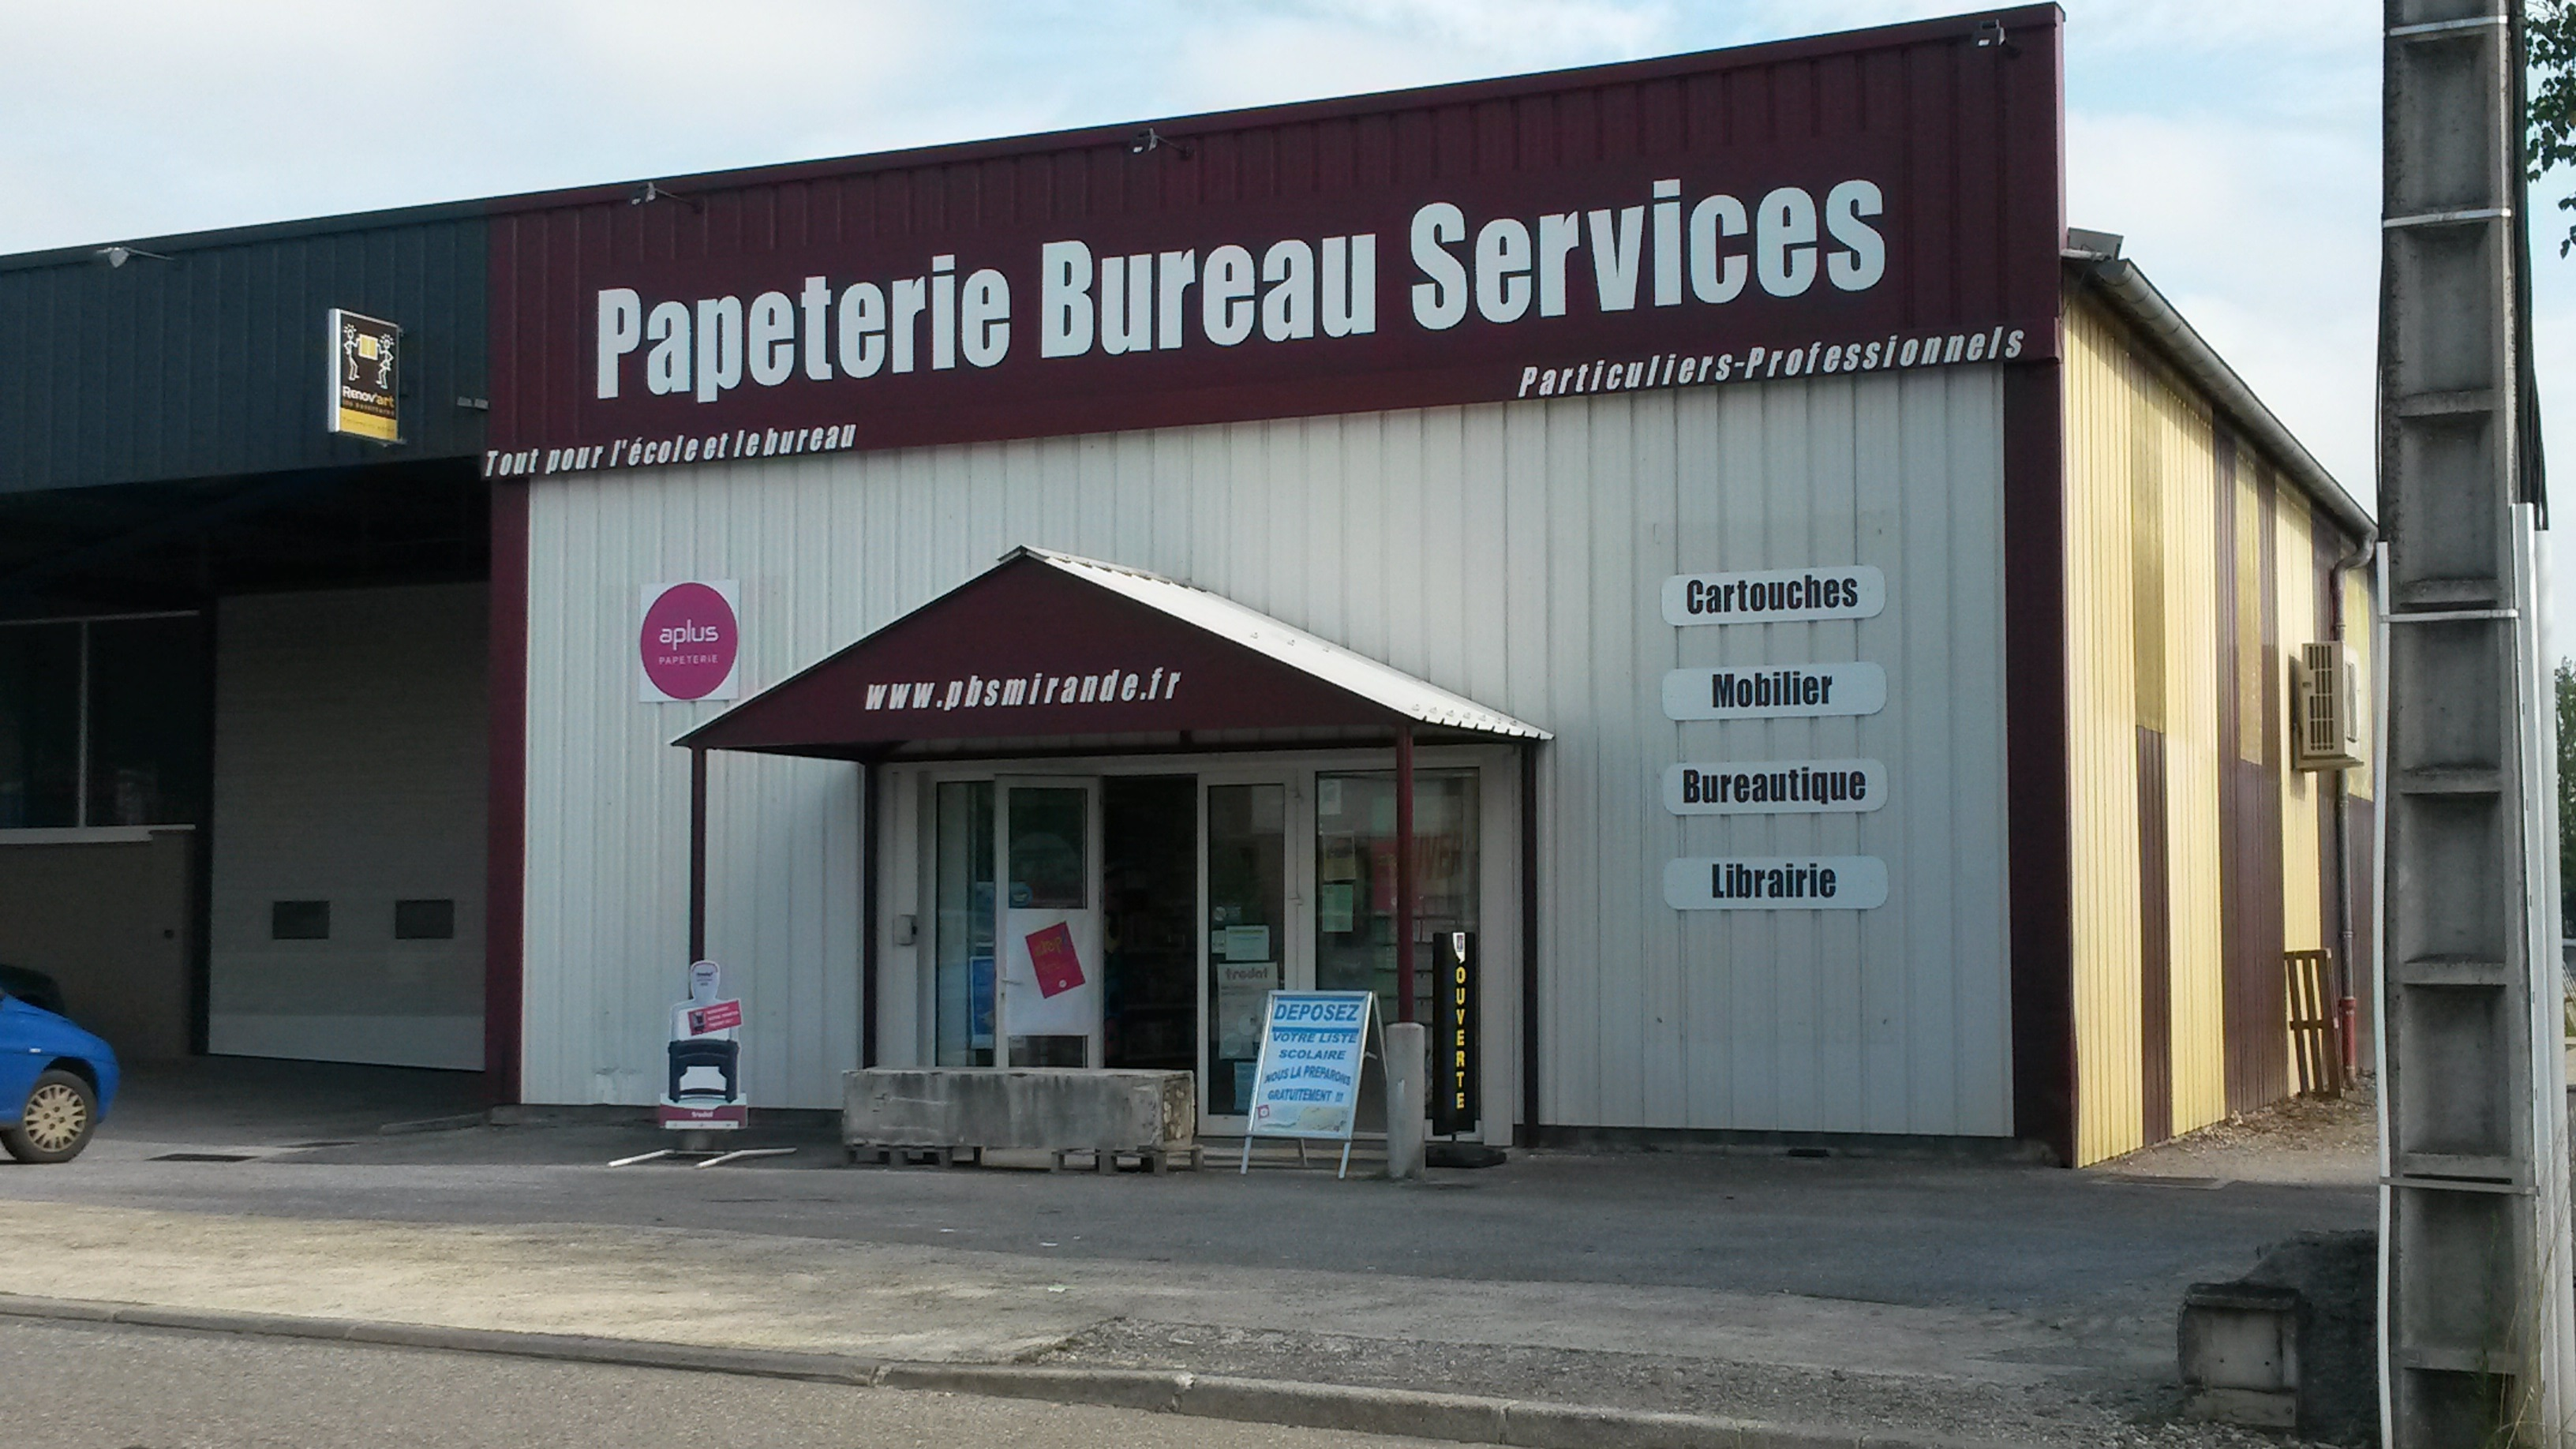 Papeterie bureau services accueil for Bureau papeterie